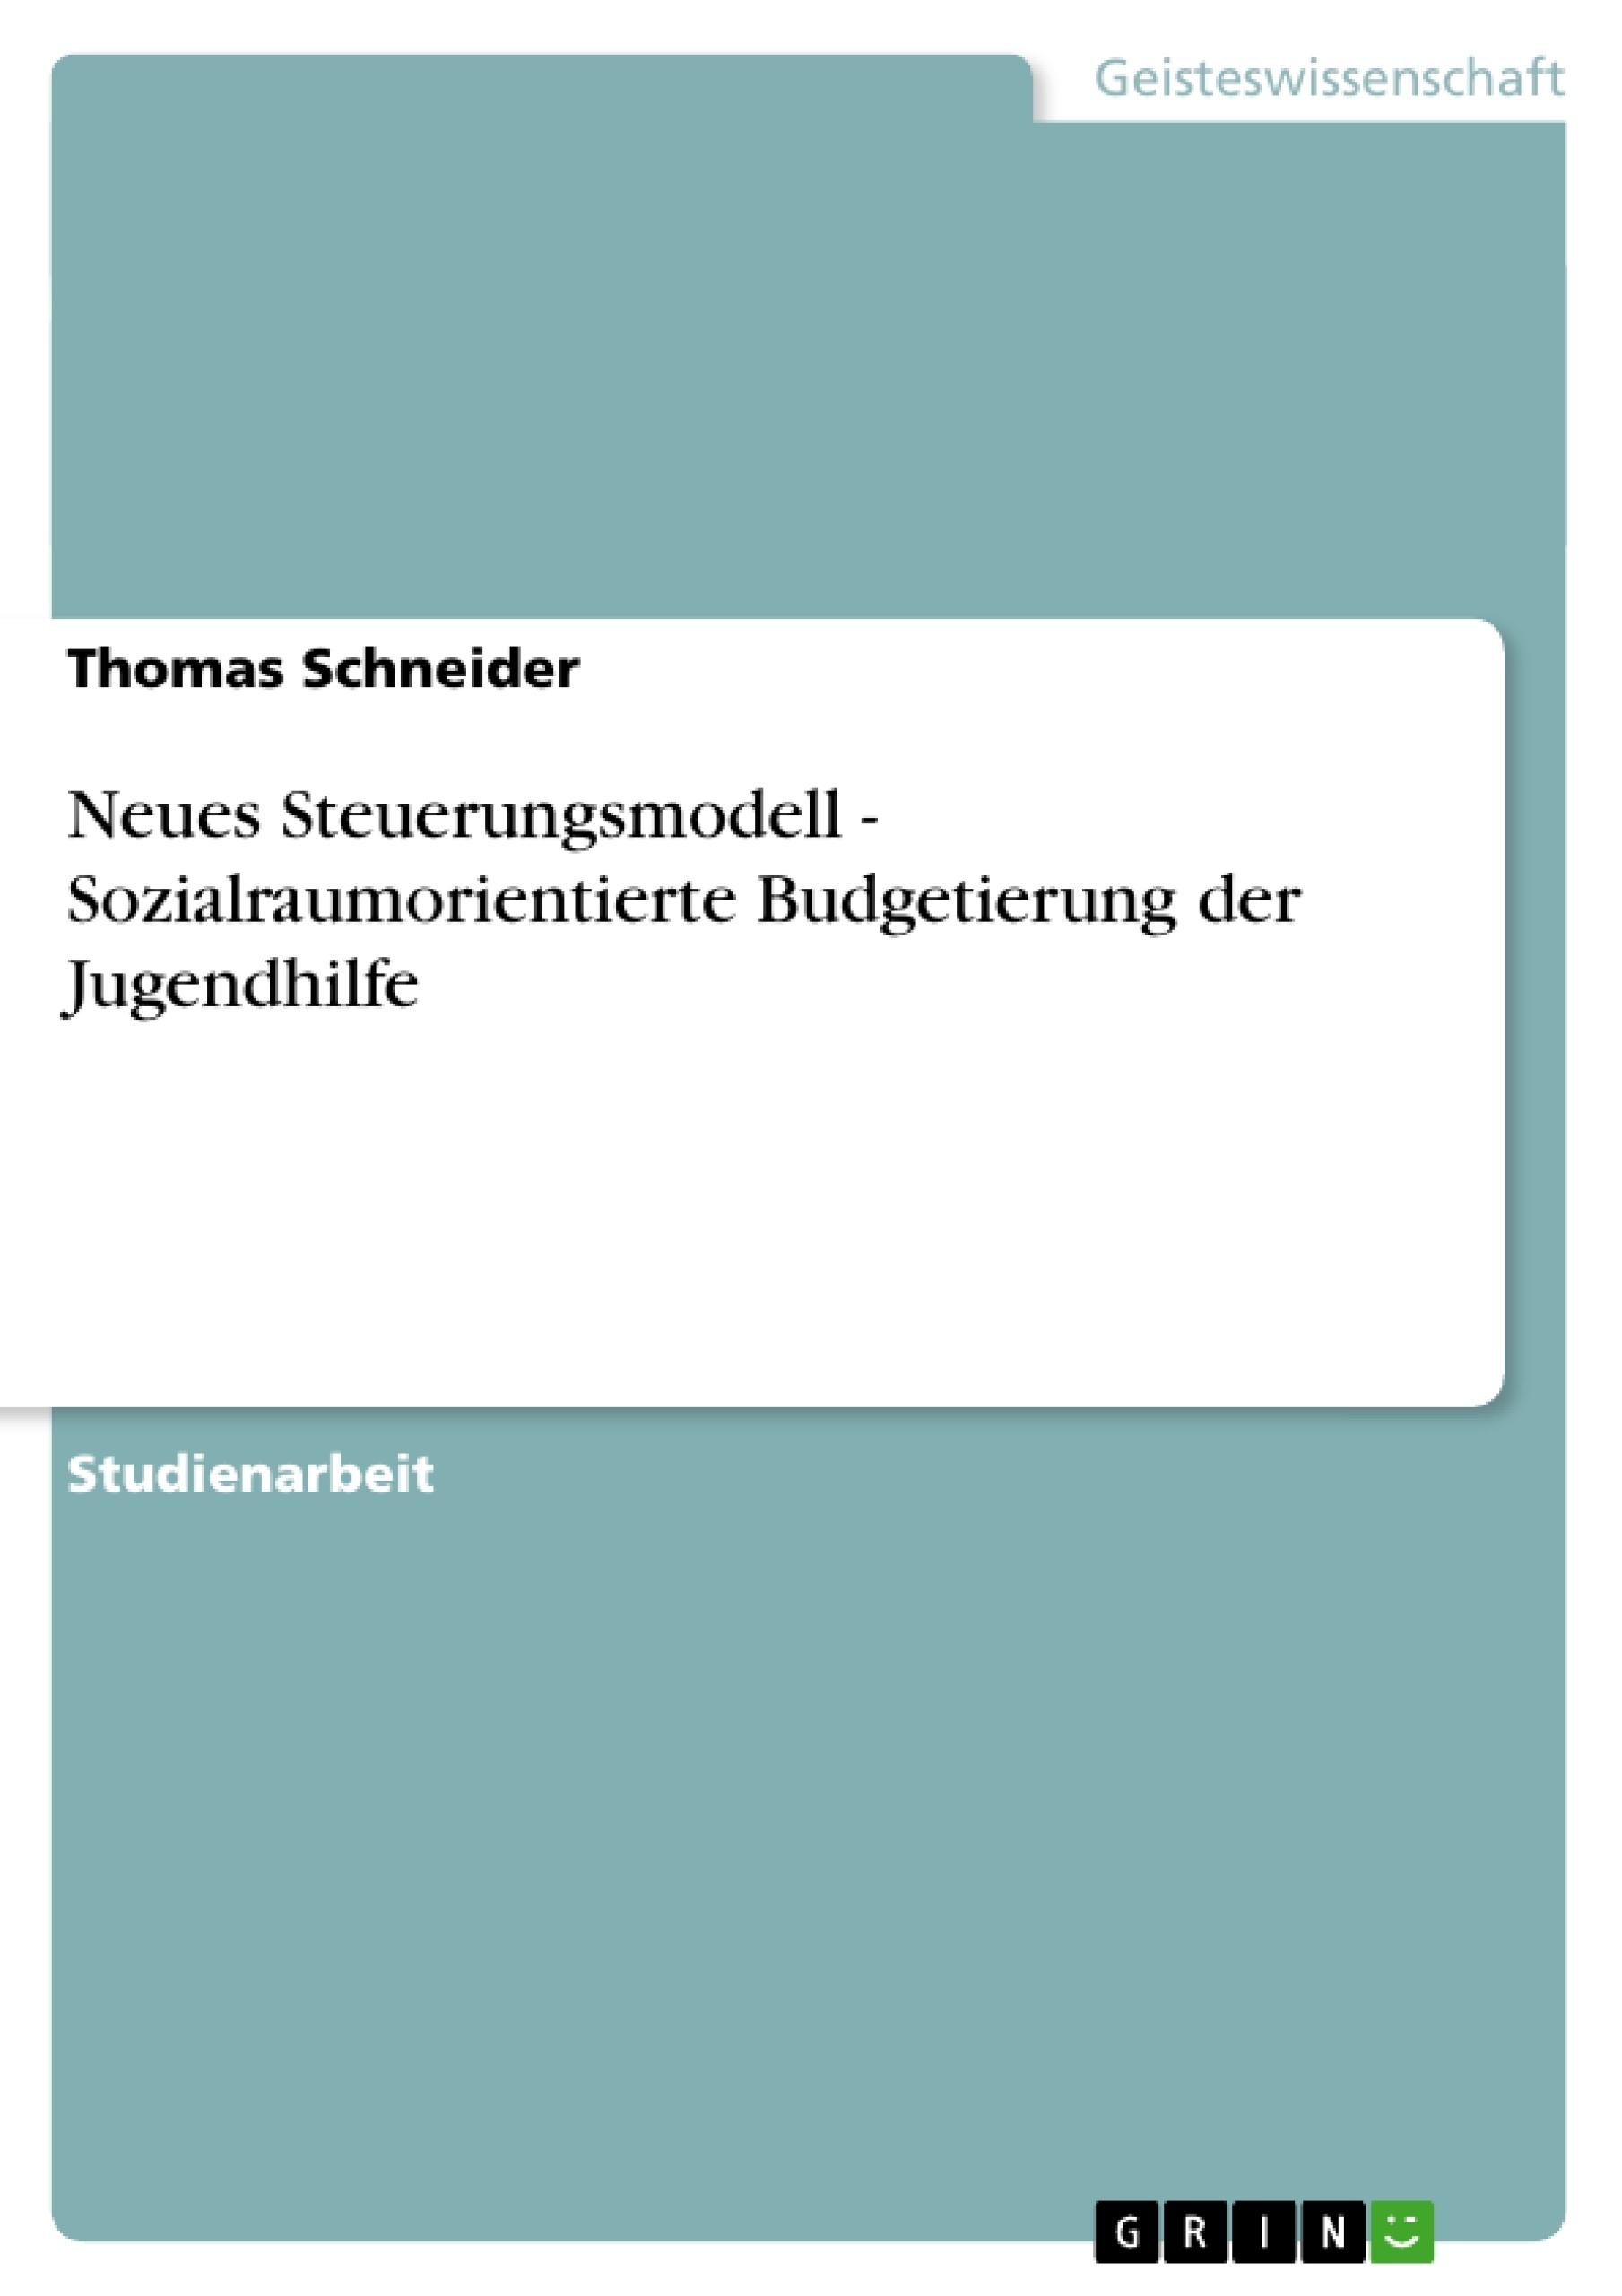 Titel: Neues Steuerungsmodell - Sozialraumorientierte Budgetierung der Jugendhilfe